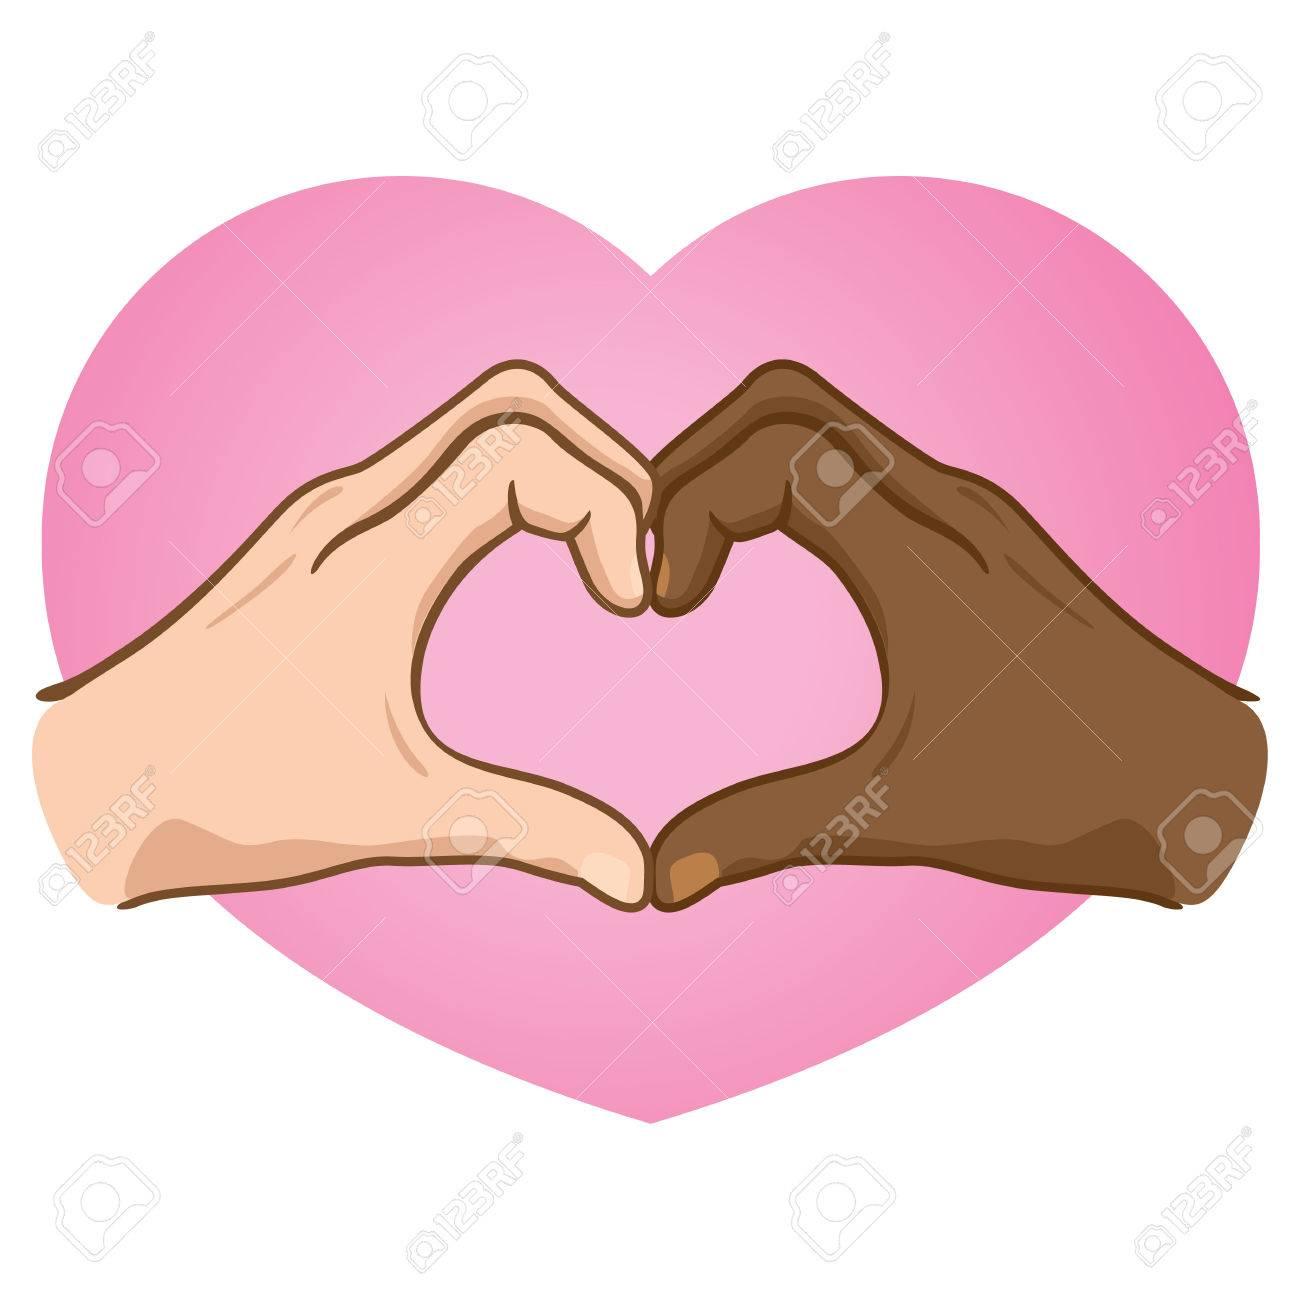 Ilustración Manos Formando Un Corazón El Origen étnico